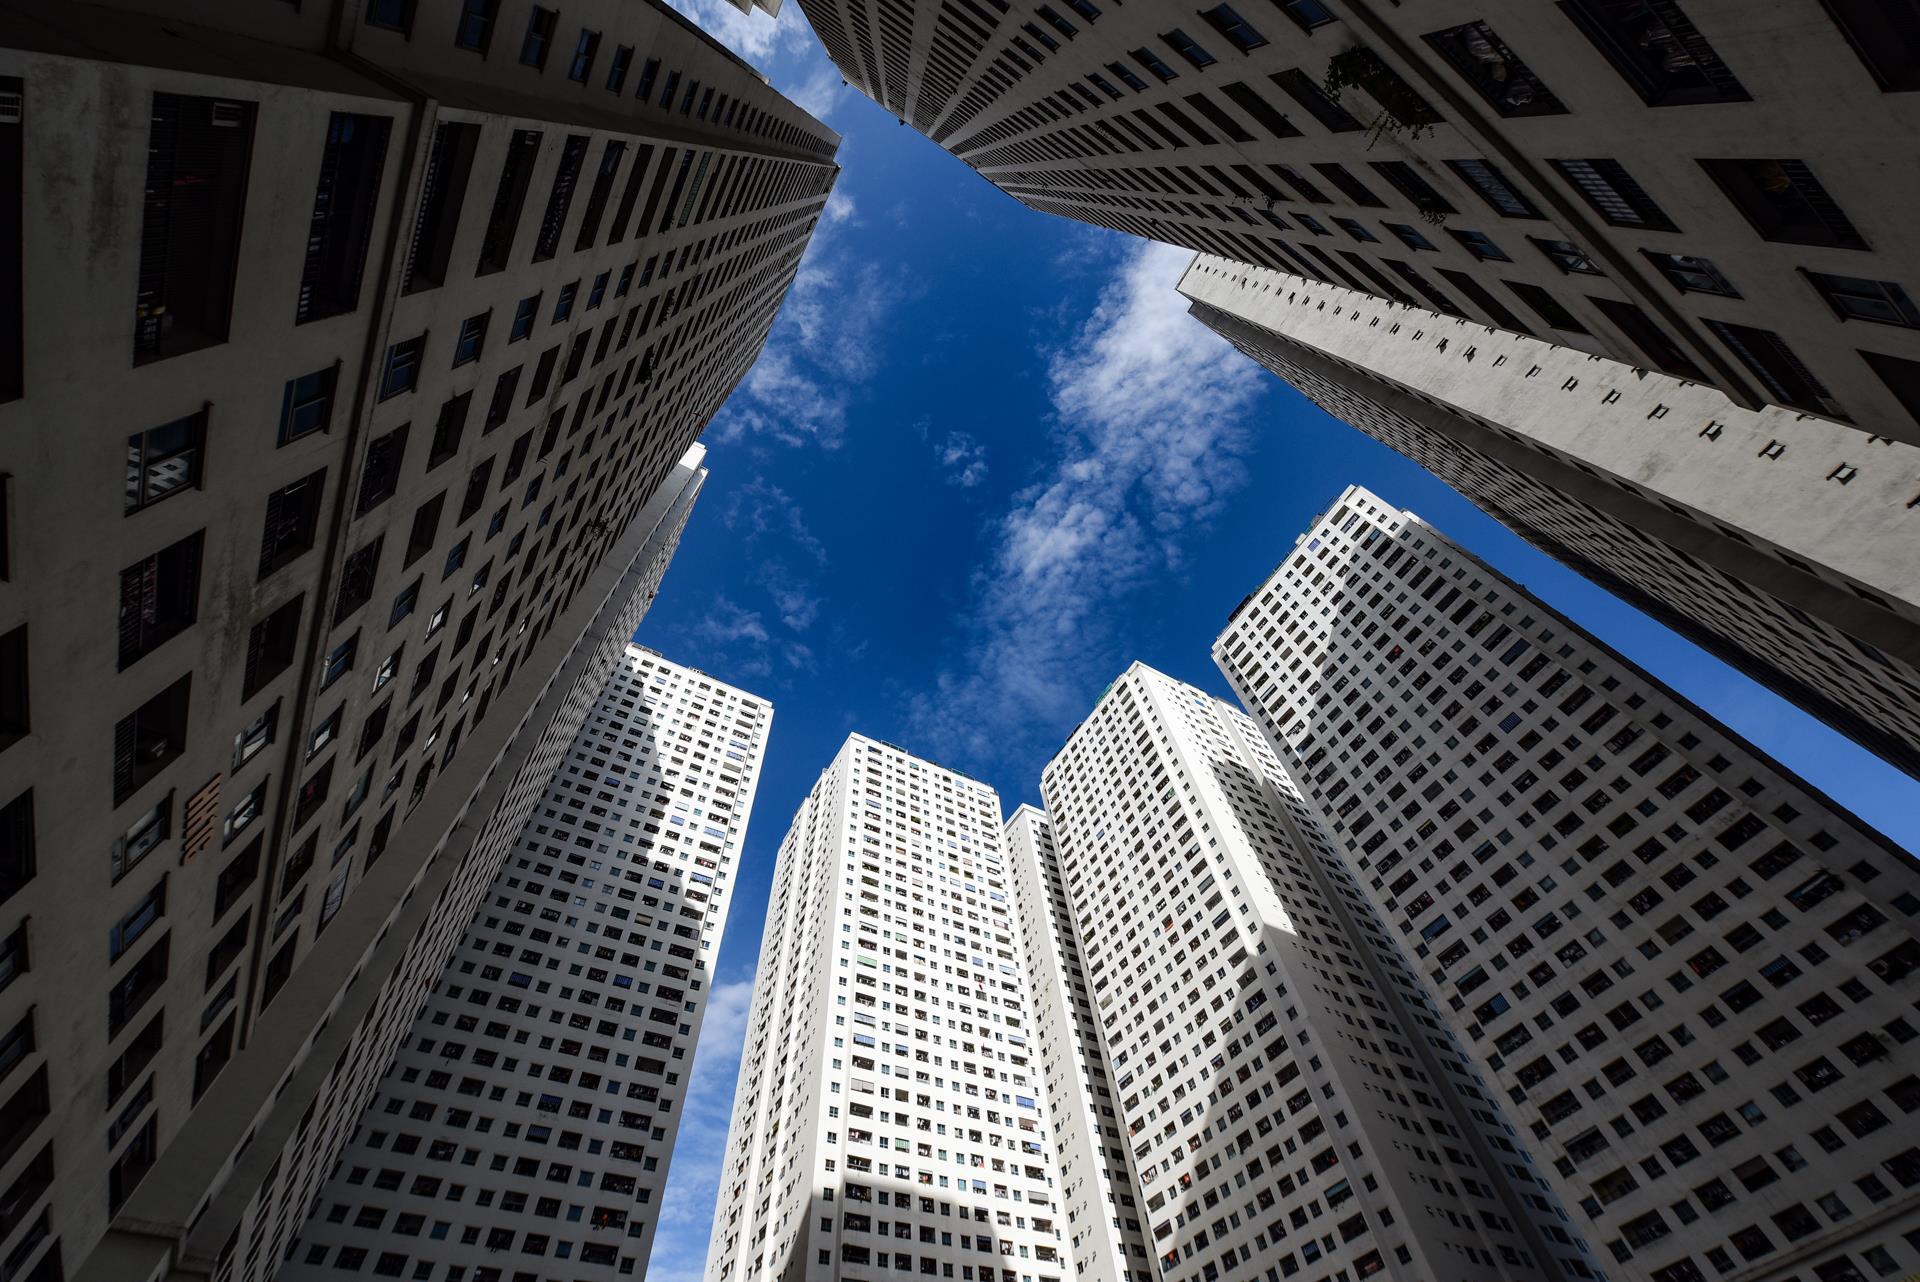 Căn hộ chung cư 25m²: Giấc mơ an cư của người thu nhập thấp hay 'ổ chuột' trên cao? - Ảnh 3